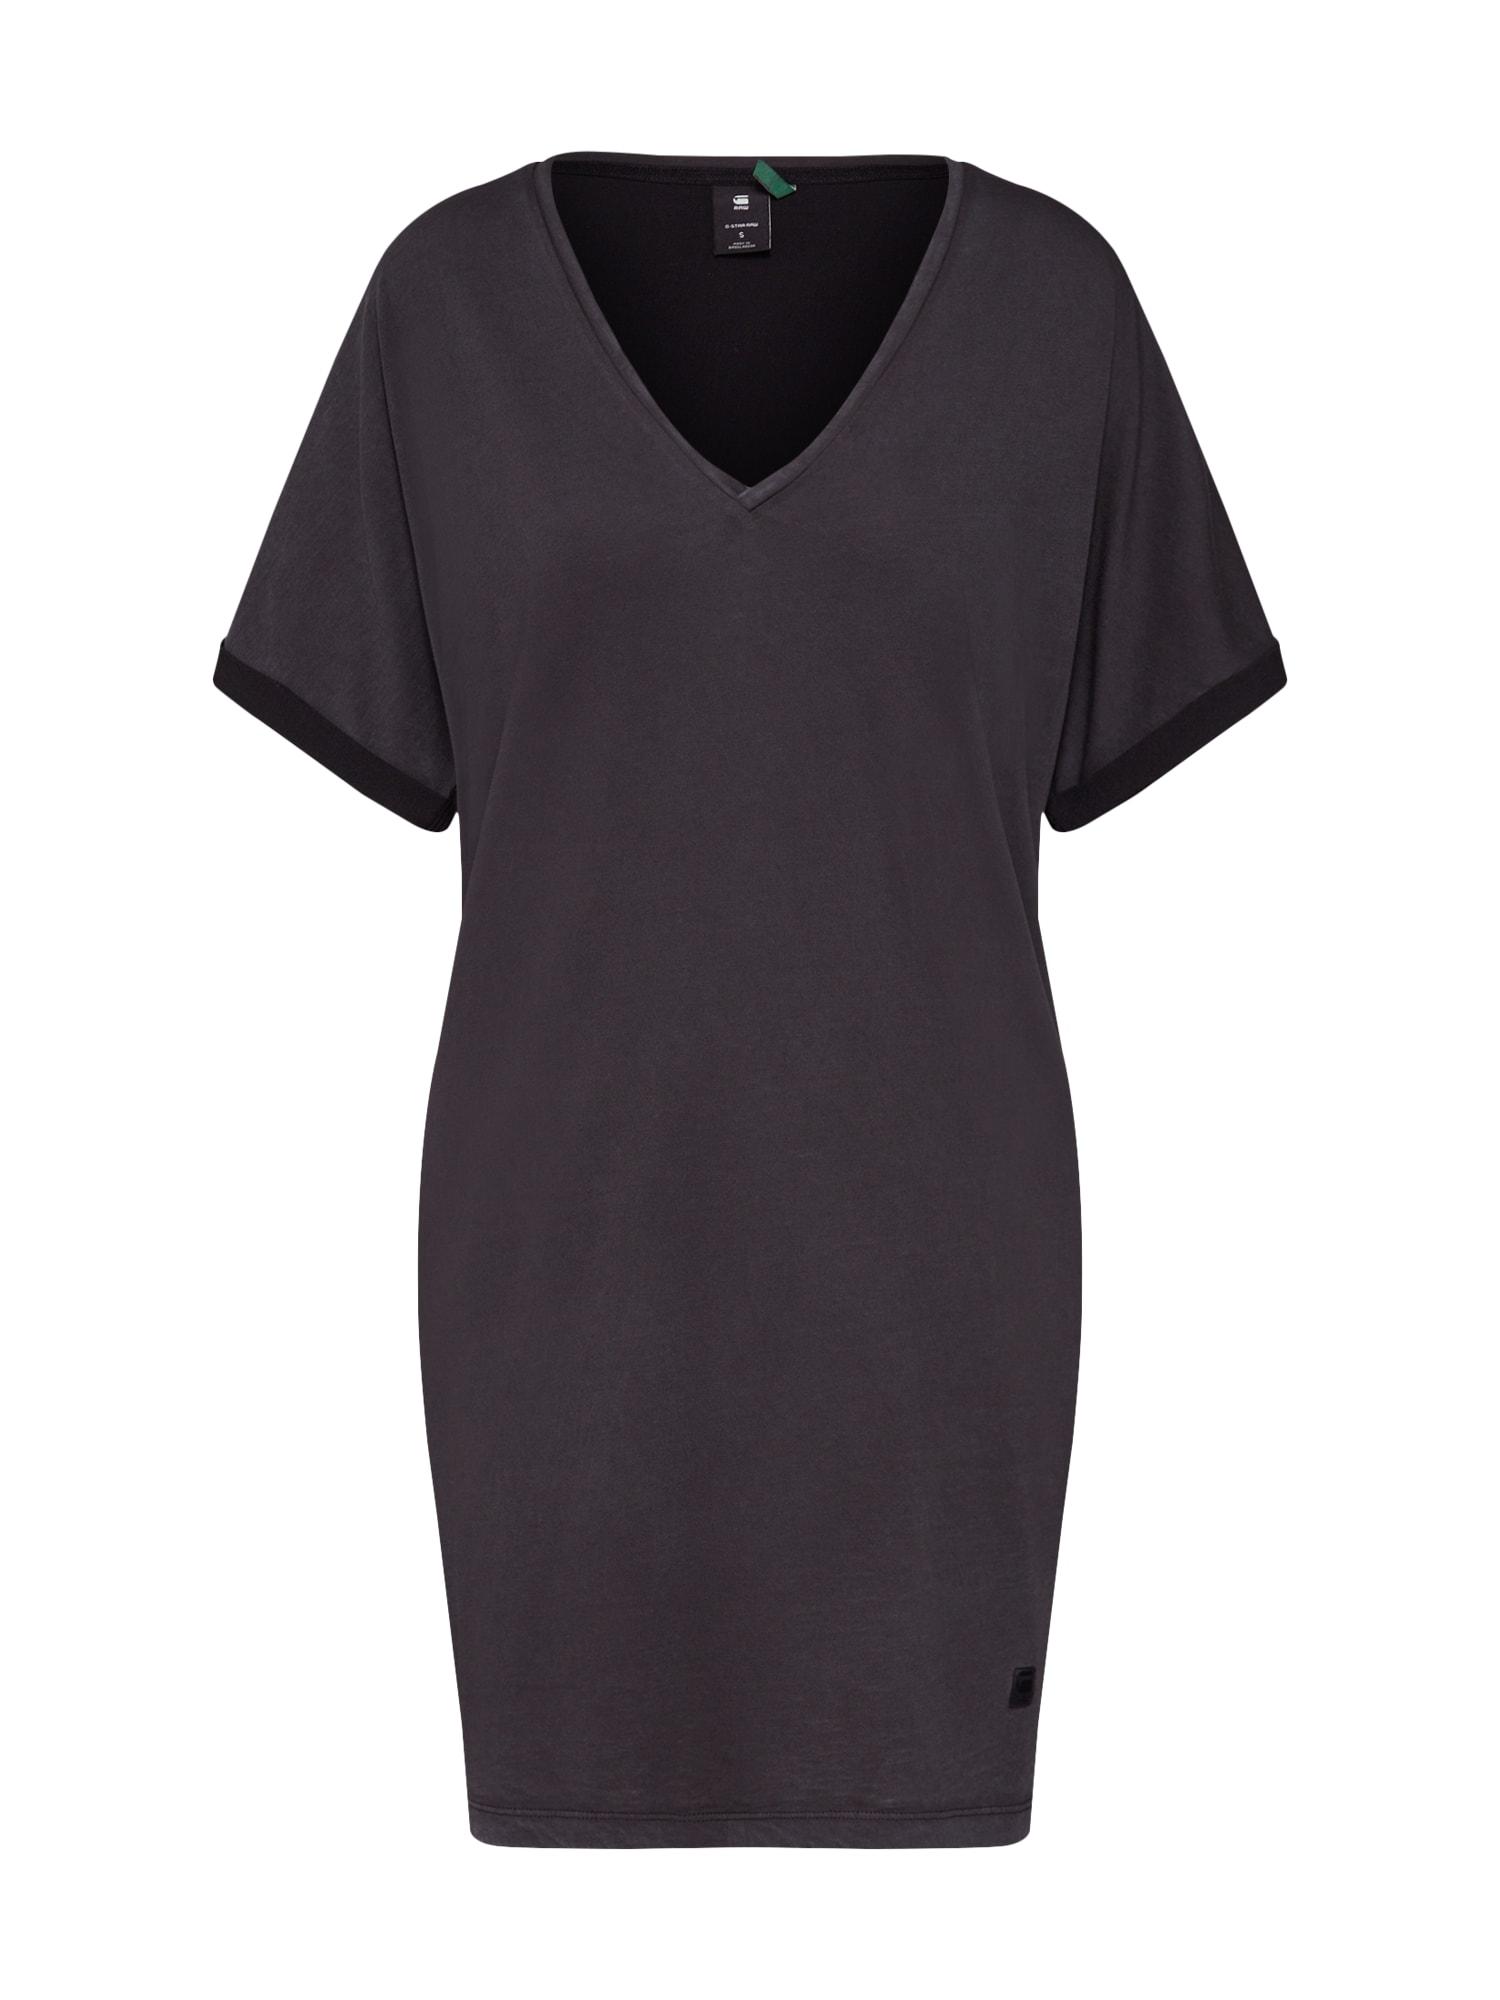 Šaty Joosa černá G-STAR RAW